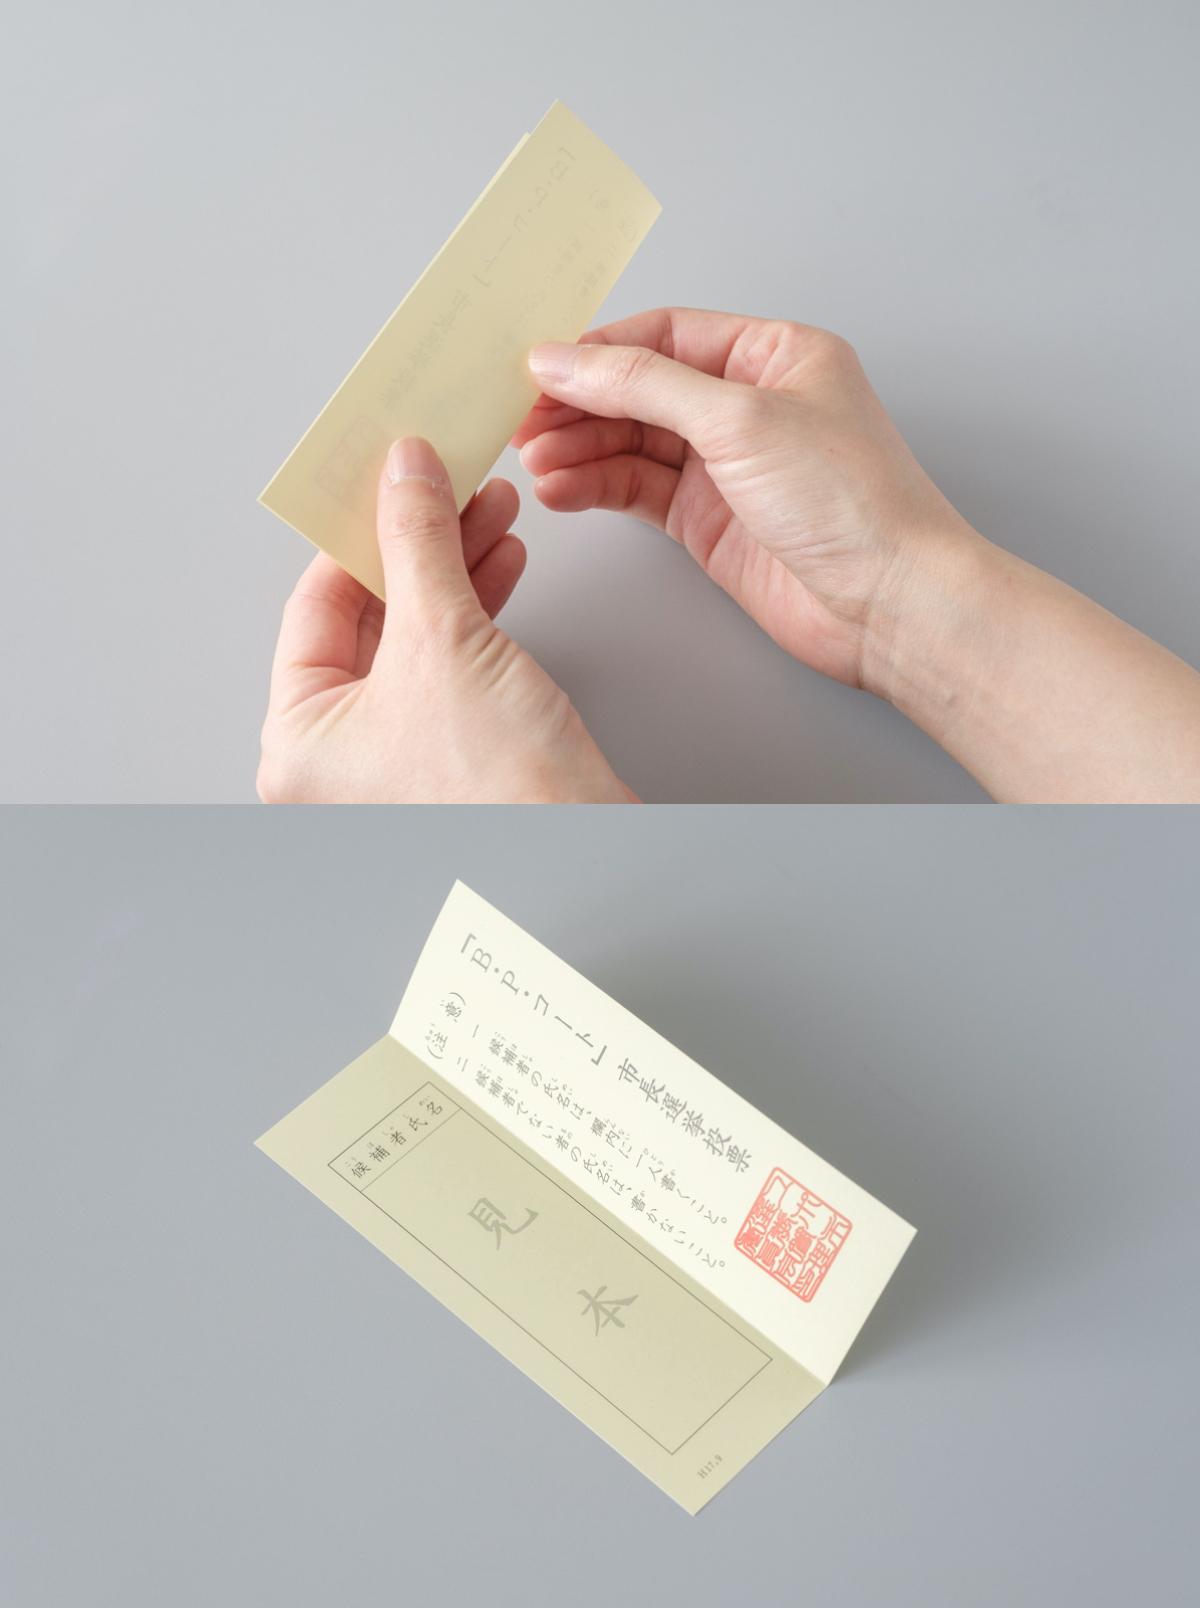 ↑用紙を折り曲げて投票しても箱の中で自然に開いてくれるので、開票作業もスムーズに行えます。折り目もつきにくく耐久性も高いので、破れてしまう心配がないのもメリットのひとつ